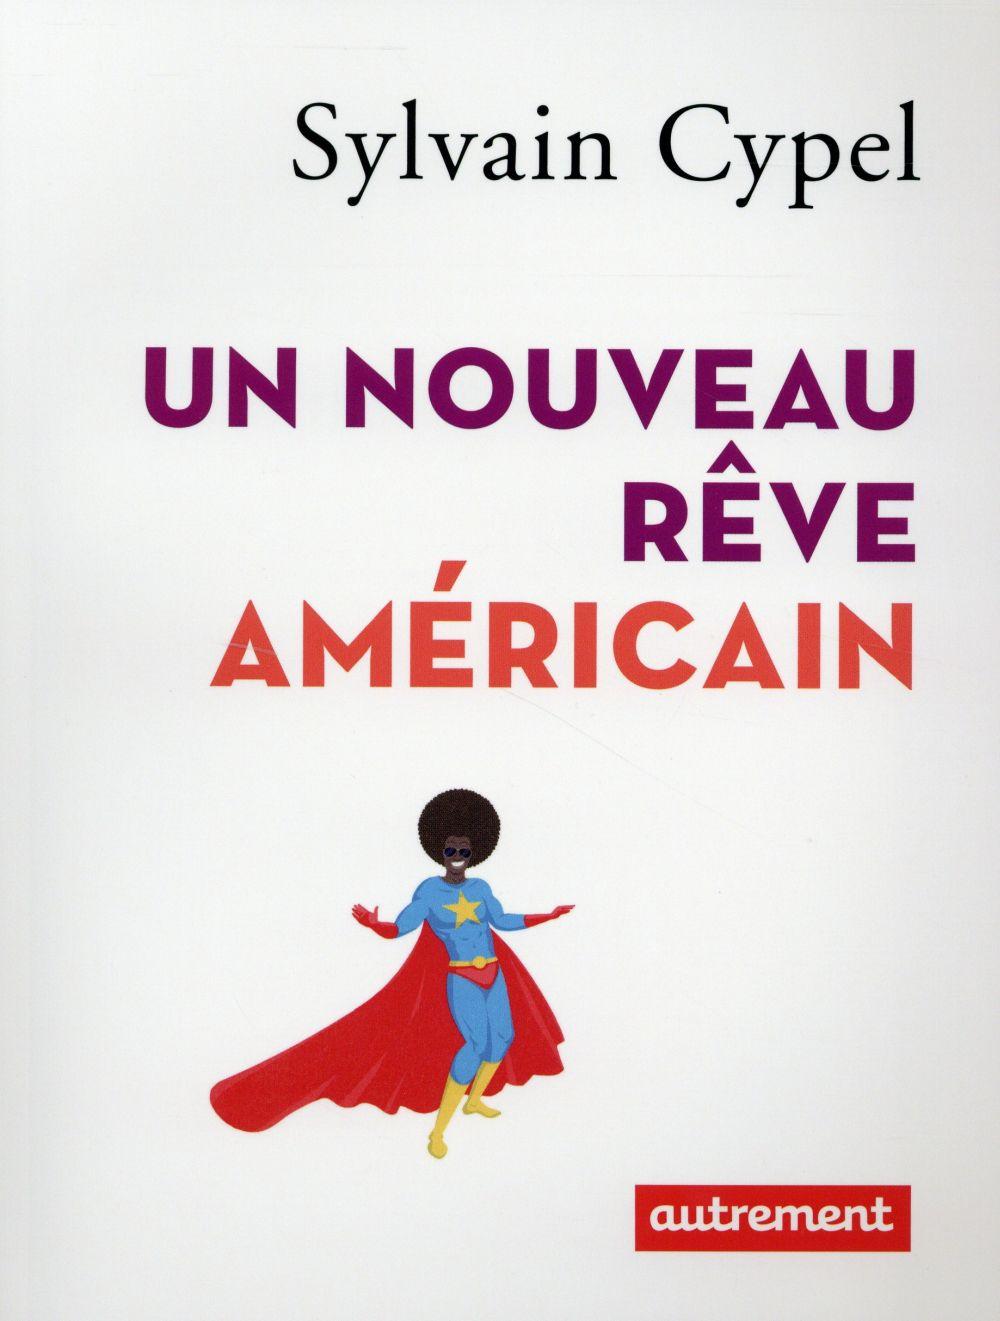 CYPEL SYLVAIN - UN NOUVEAU REVE AMERICAIN